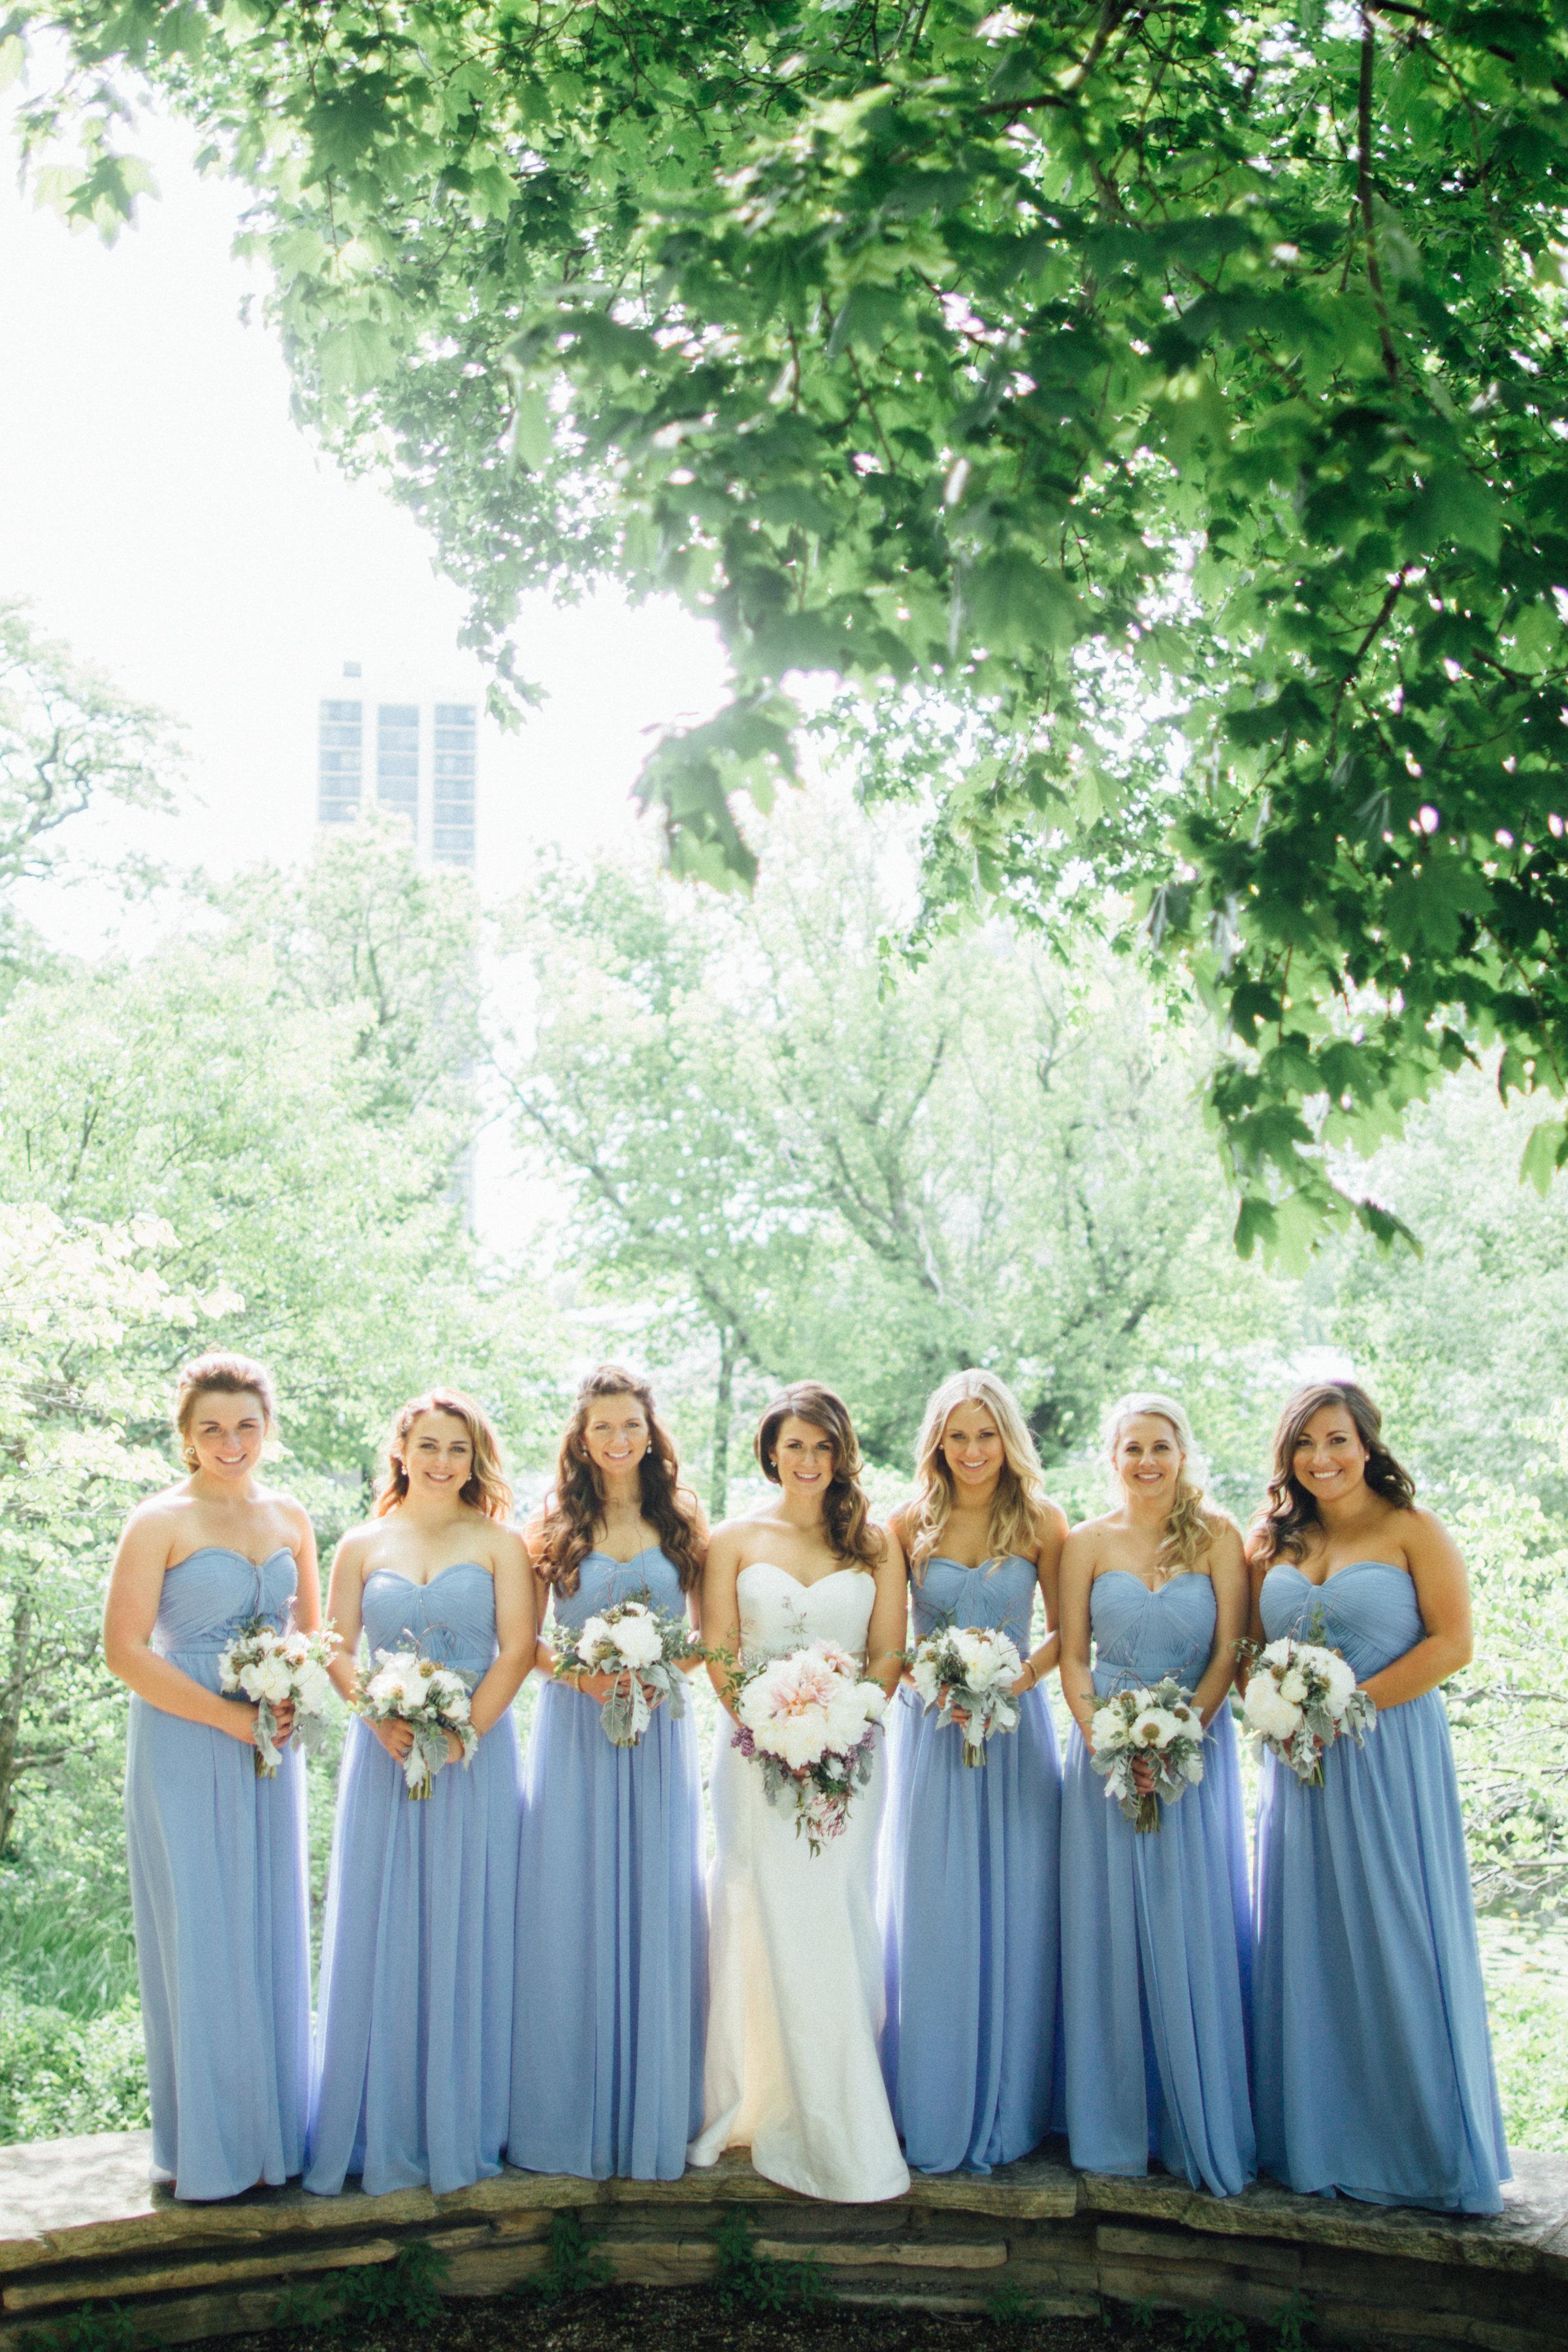 Pastel Spring Wedding - Garden - Pale Blue